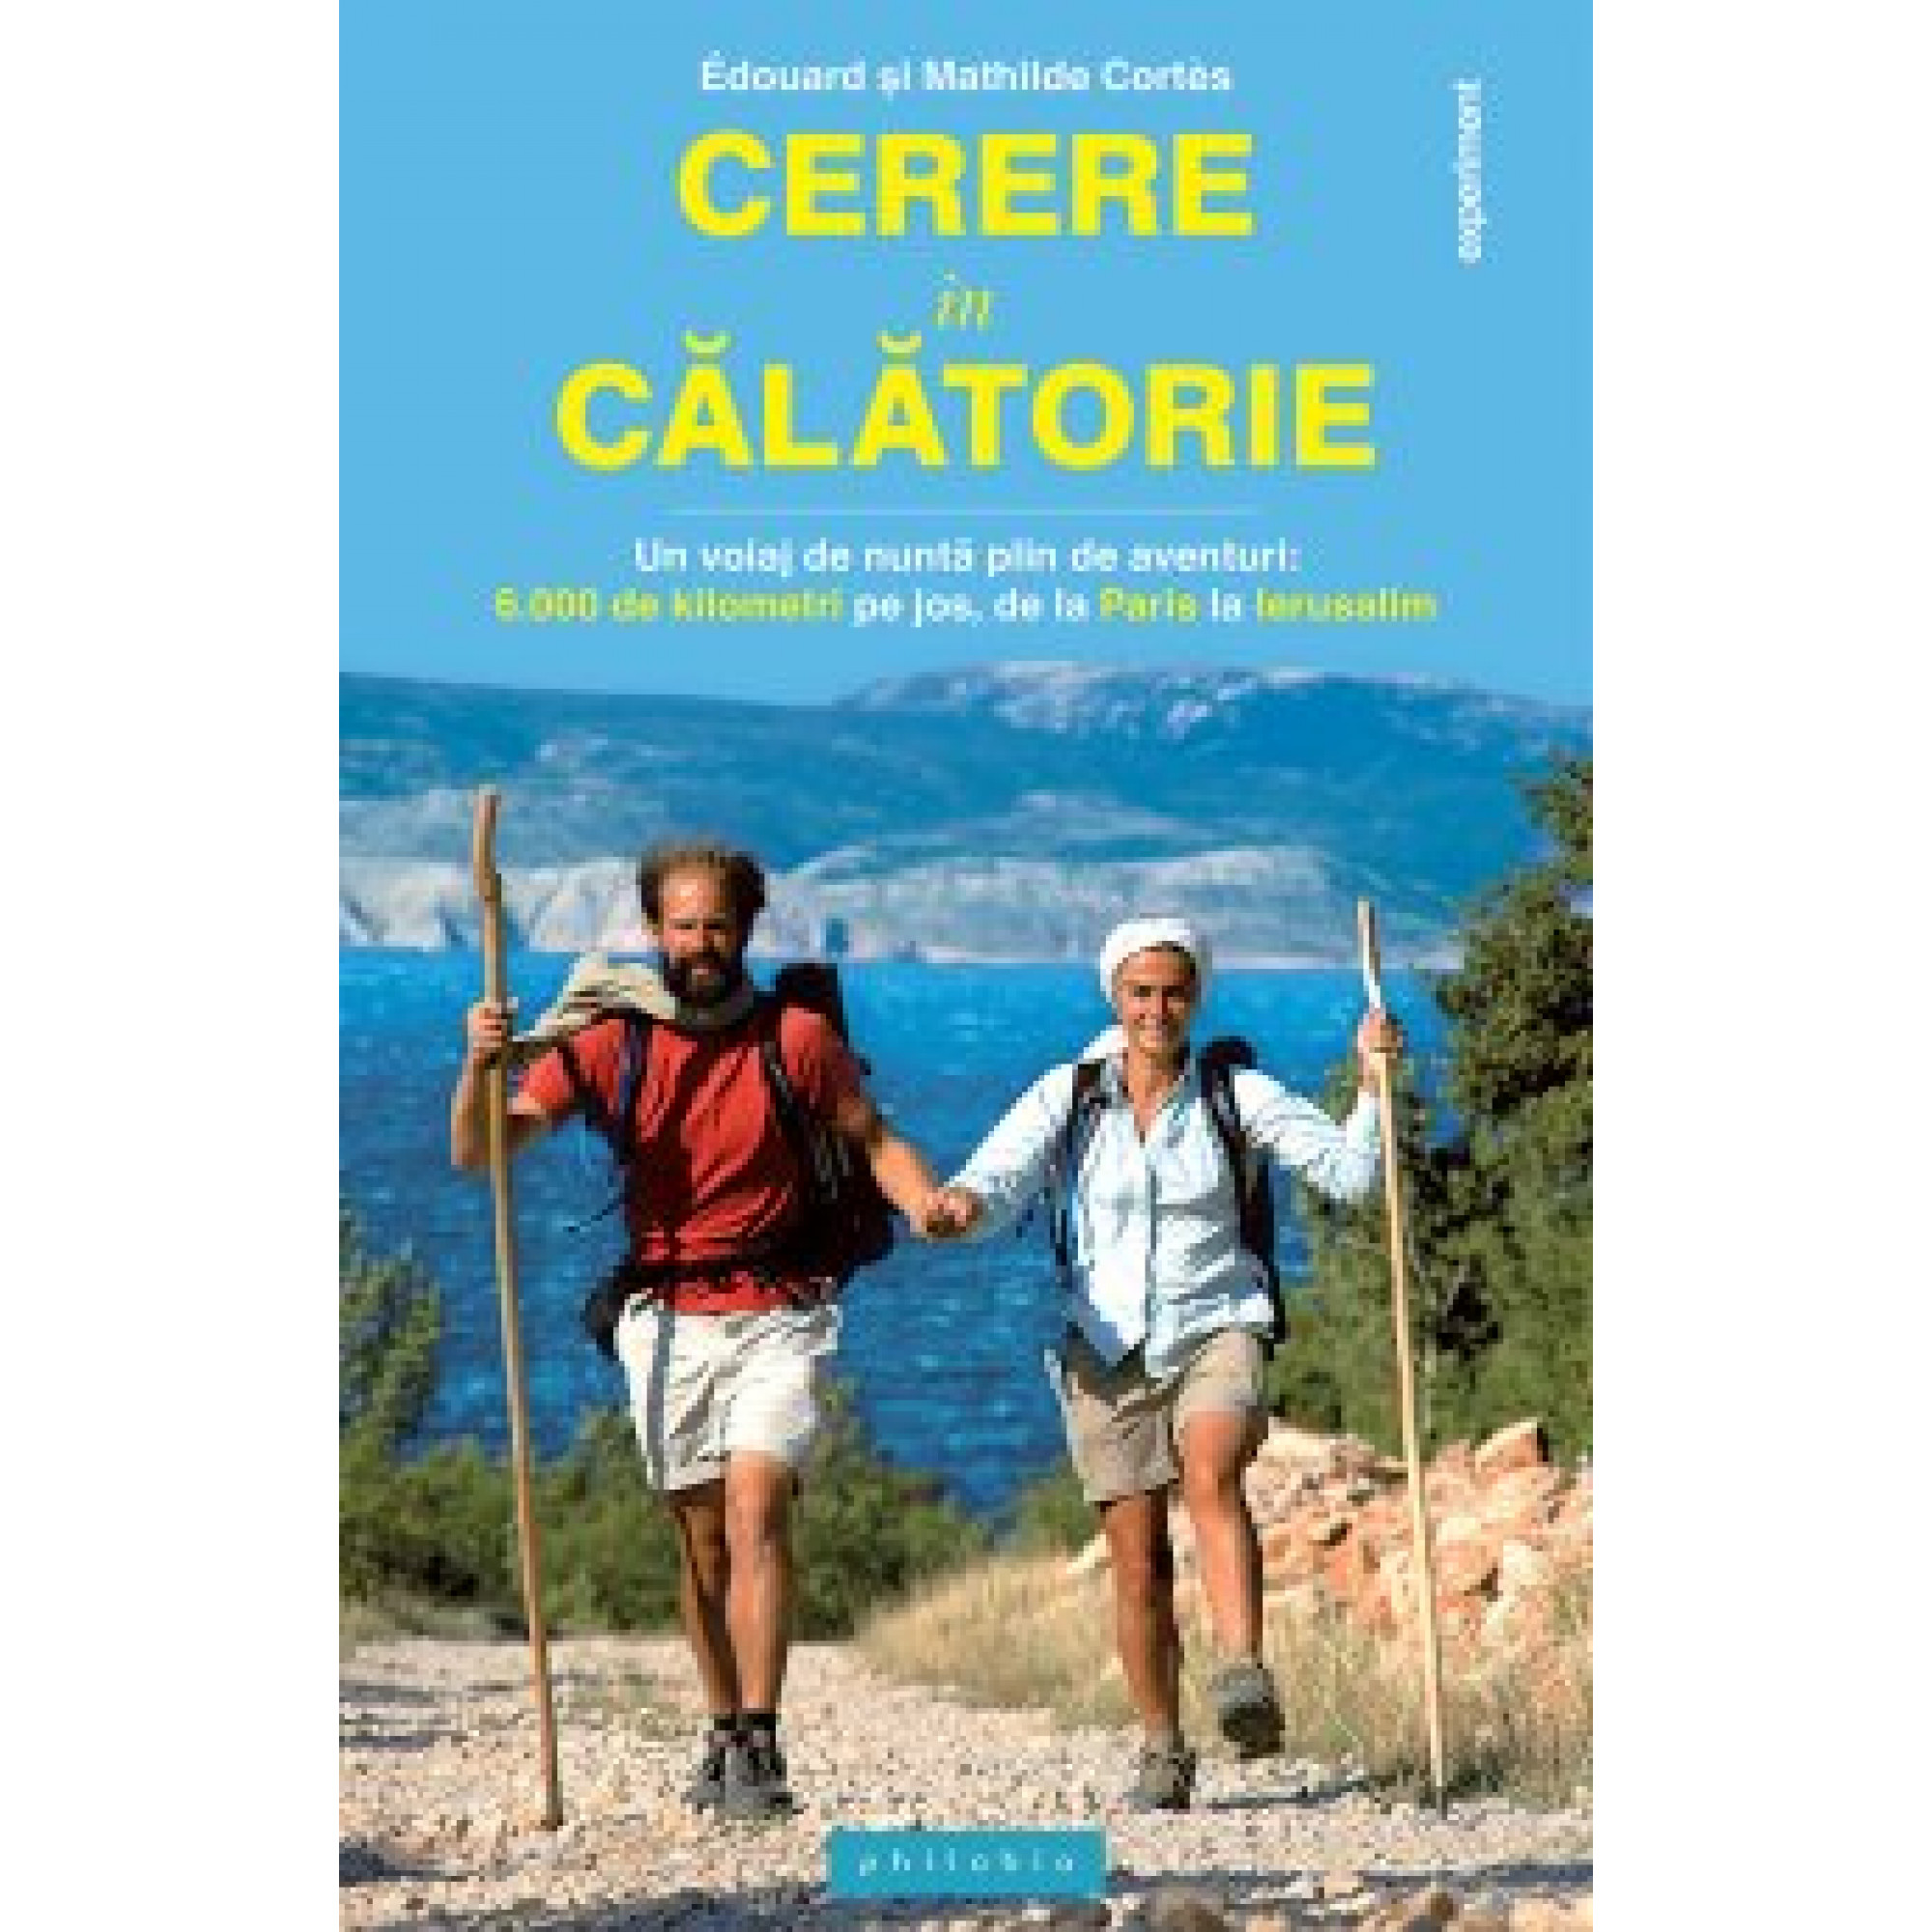 Cerere în călătorie; Édouard si Mathilde Cortès